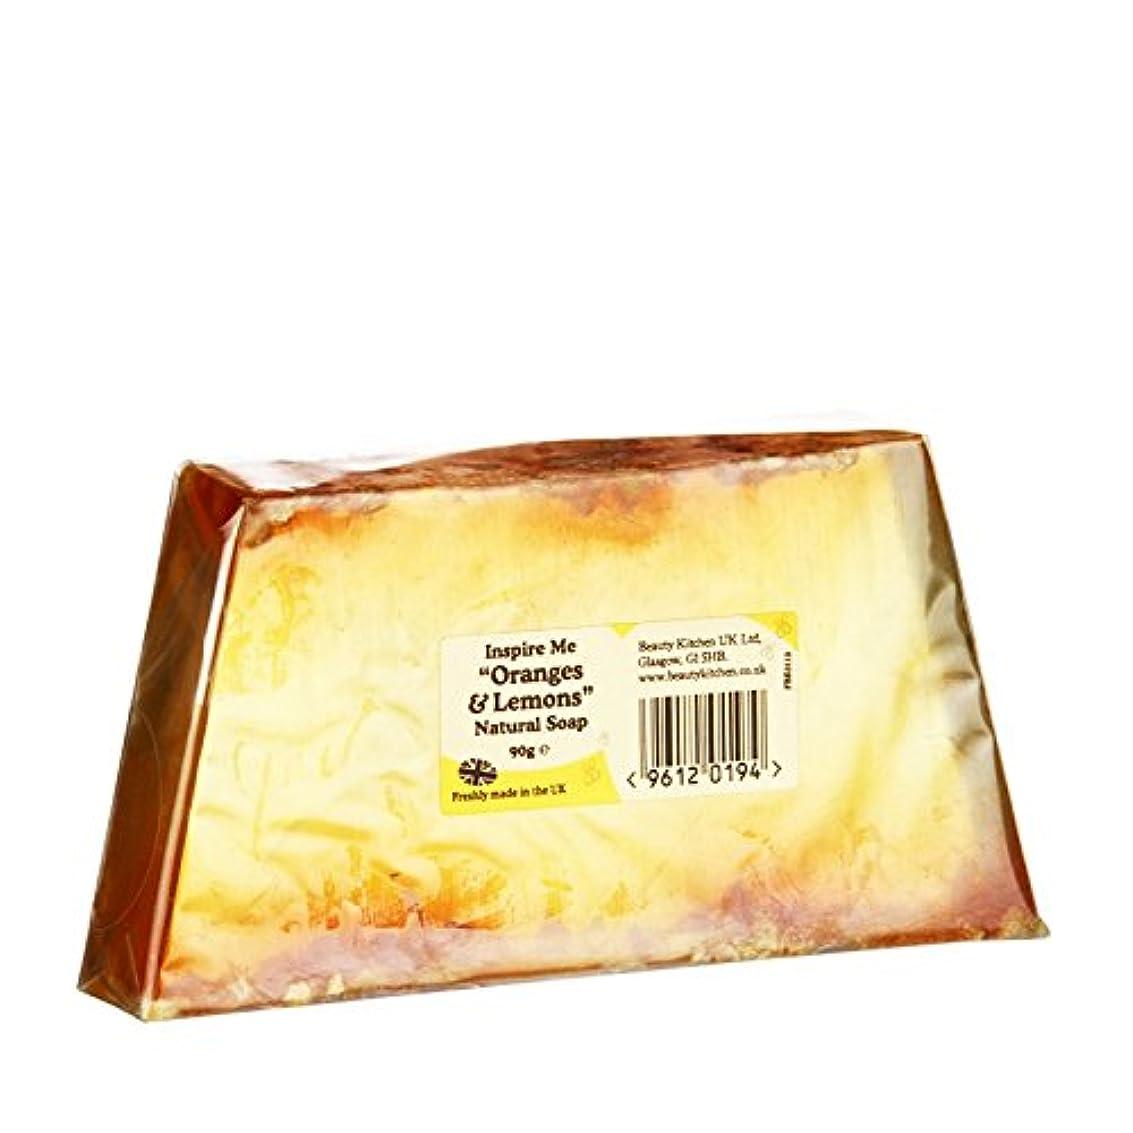 スクリュー作成するハッピー美しさのキッチンは私がオレンジ&レモンの天然石鹸90グラム鼓舞します - Beauty Kitchen Inspire Me Orange & Lemon Natural Soap 90g (Beauty Kitchen...